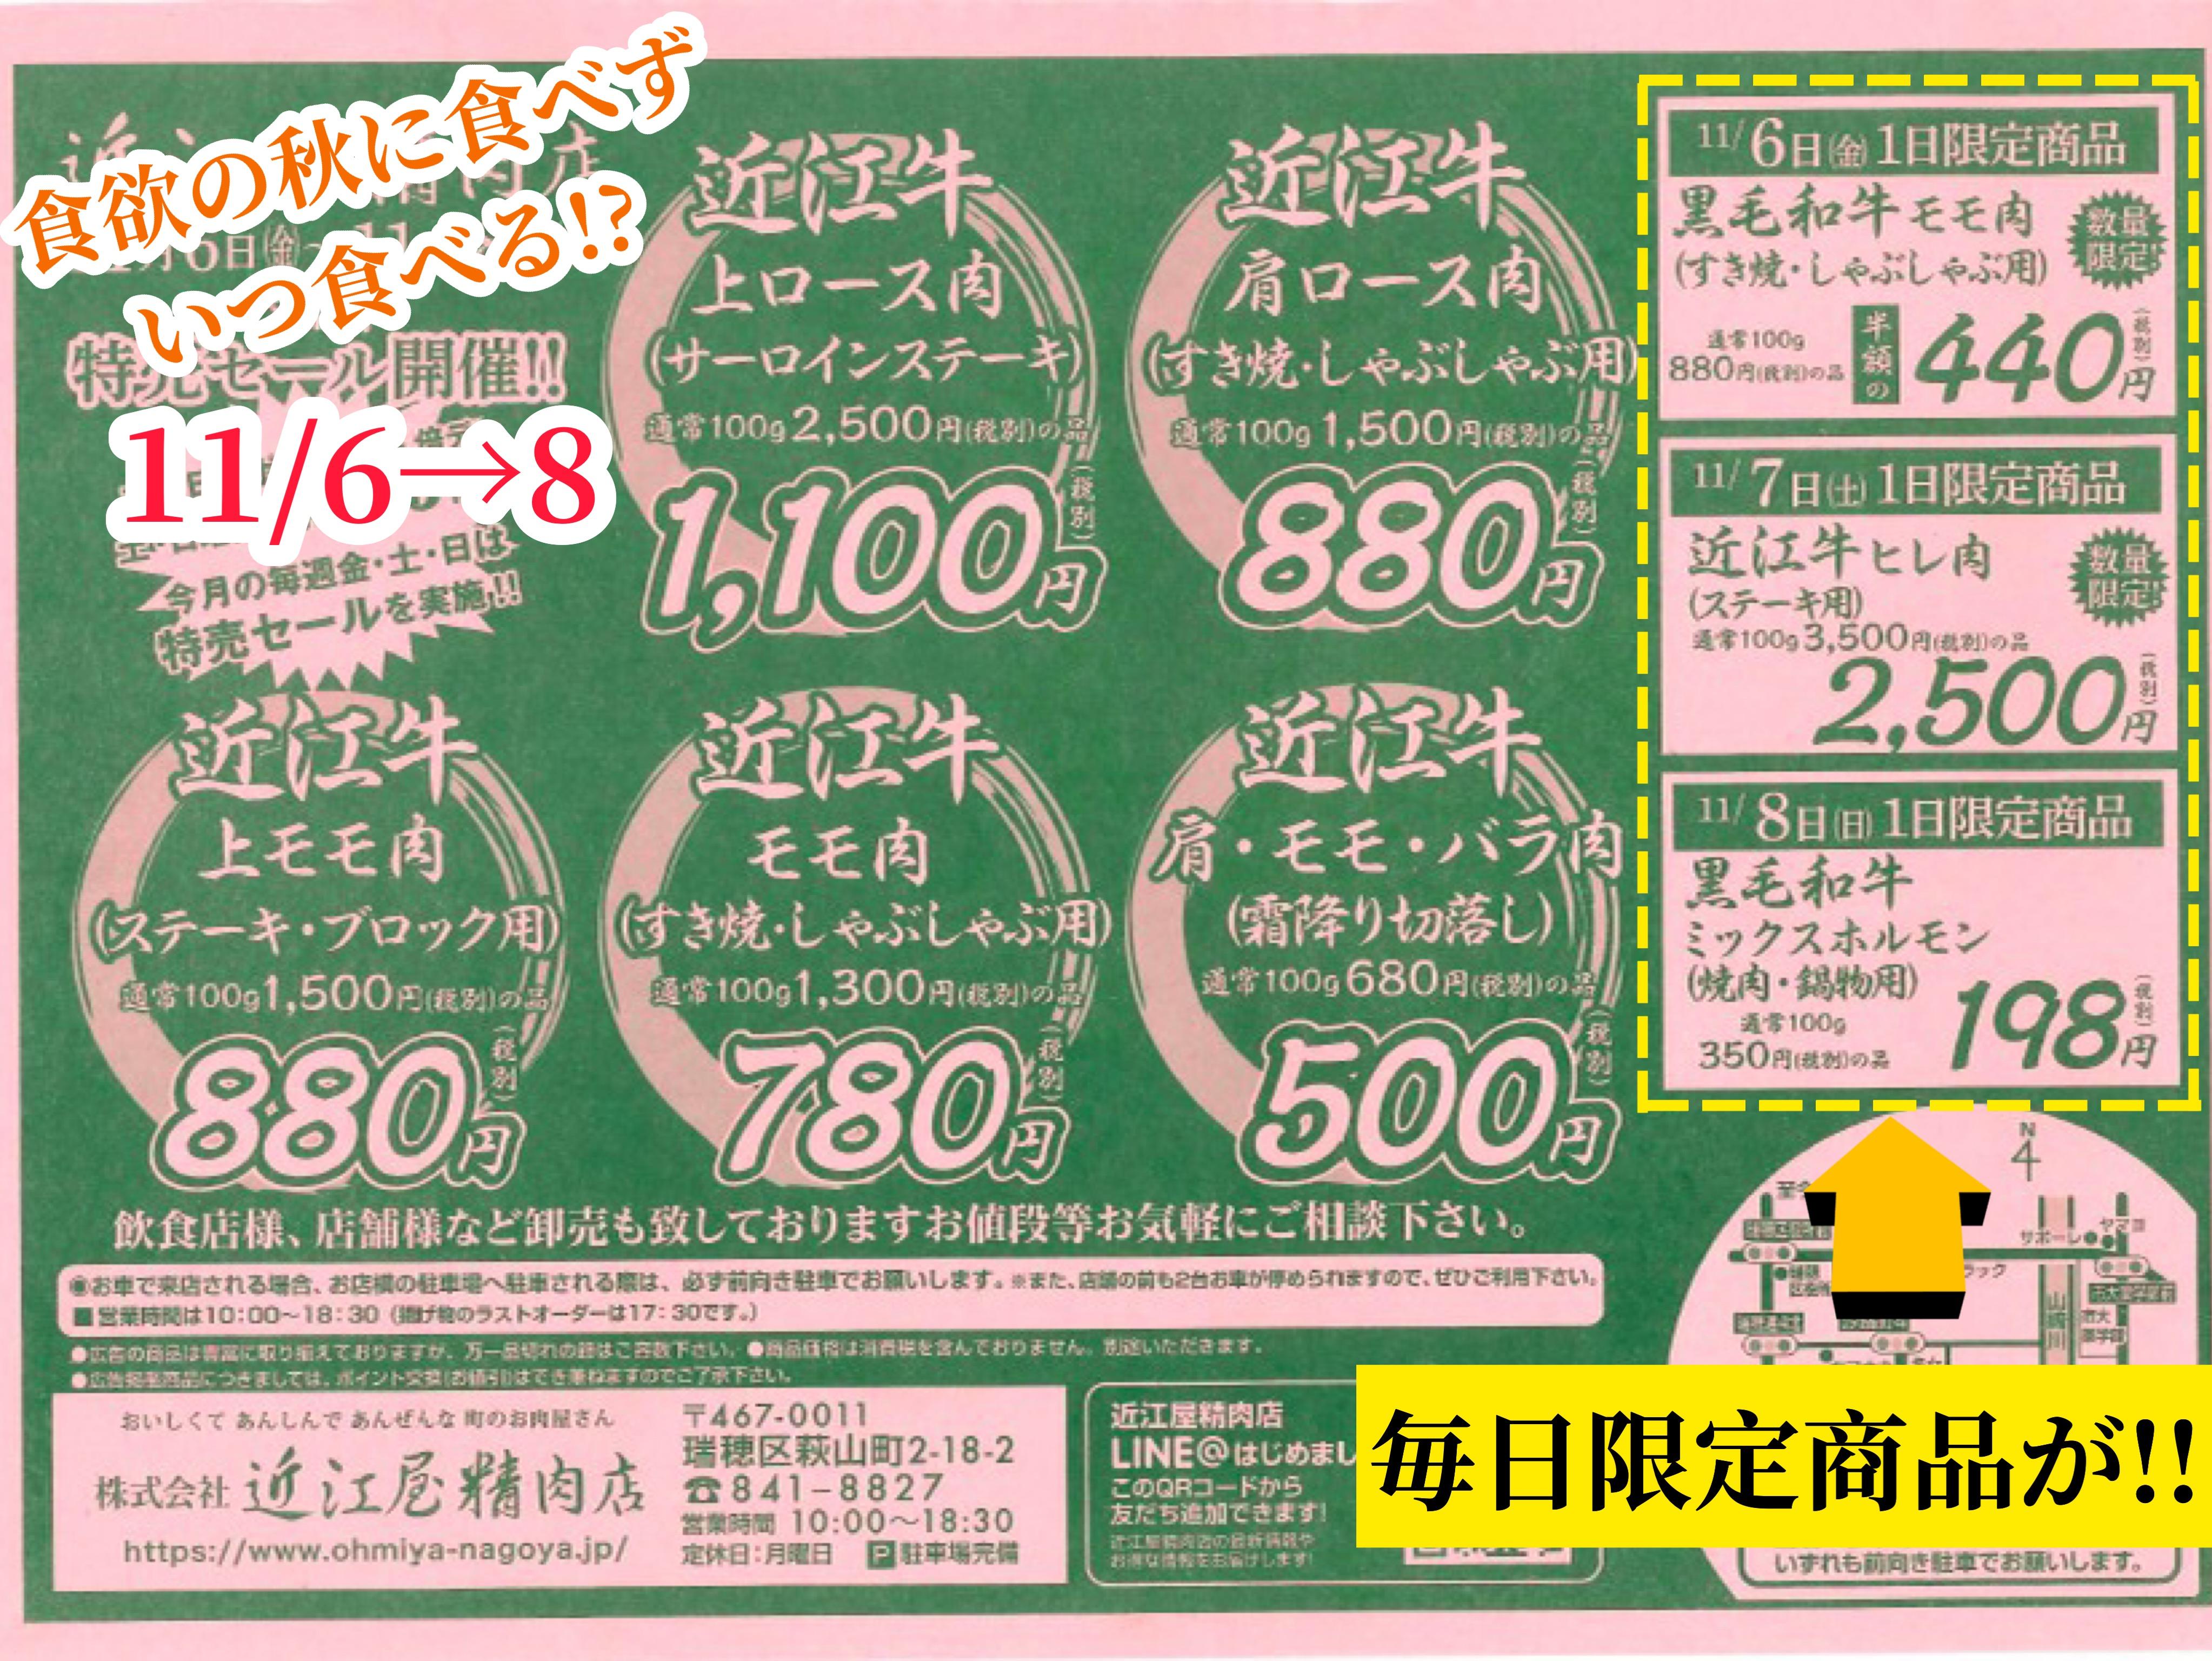 近江牛特売セール!期間中日替わり商品も!